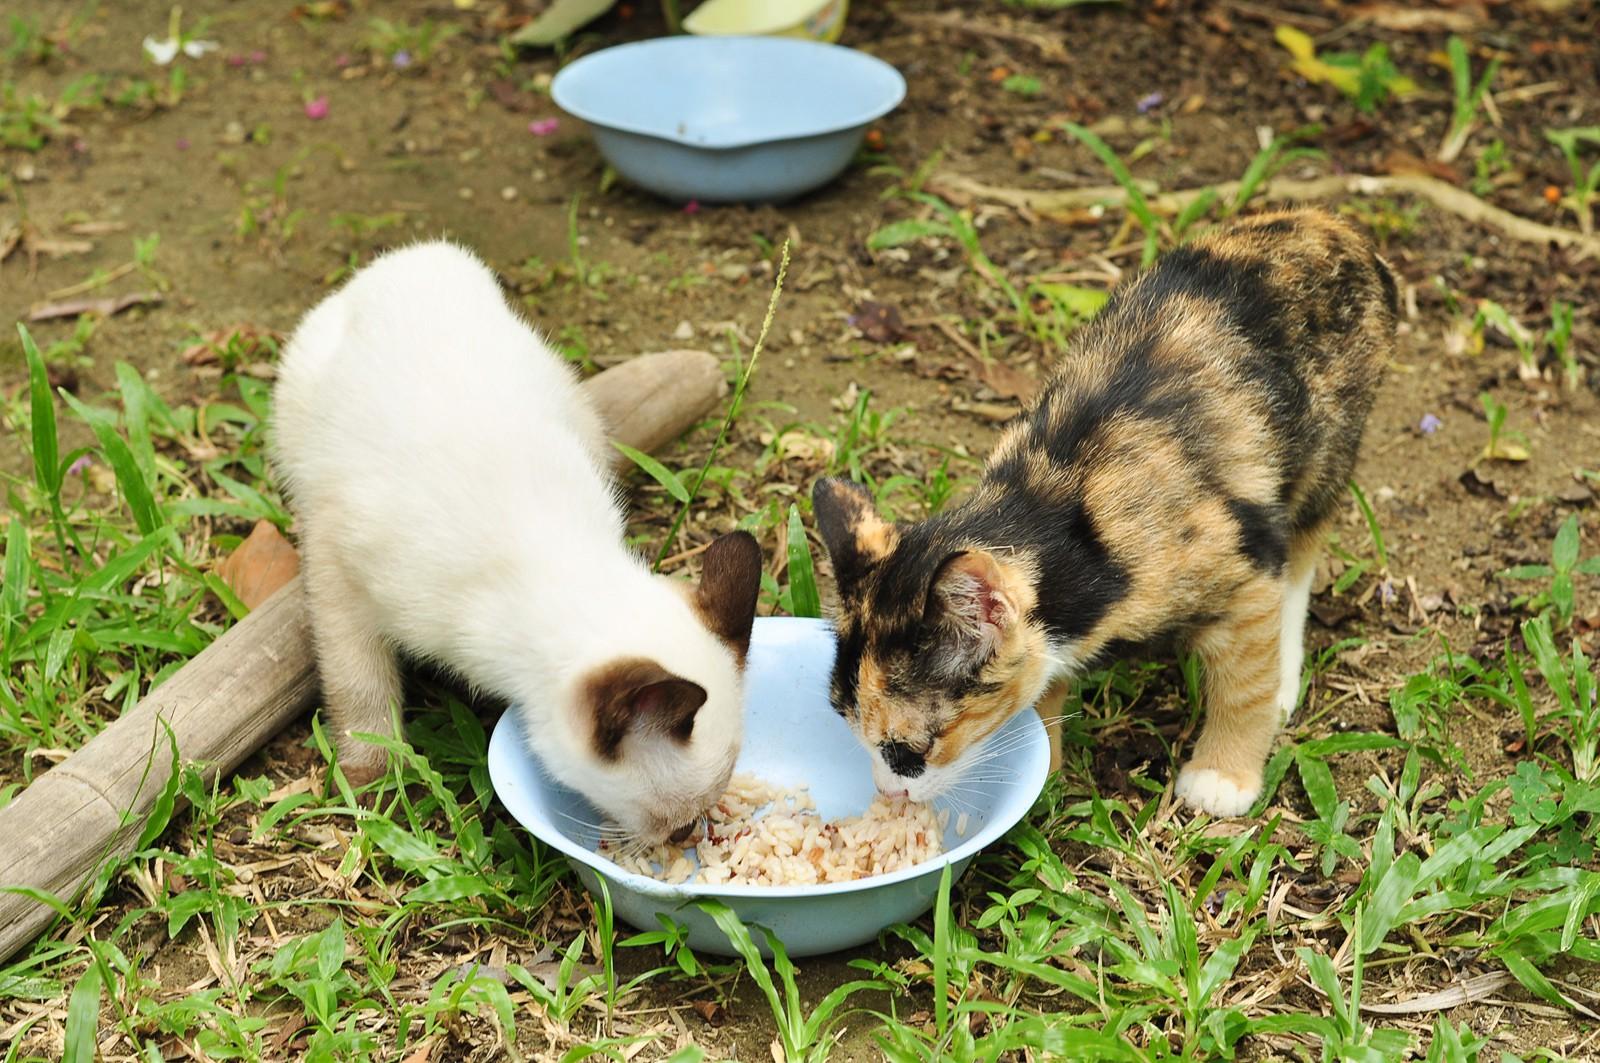 Оголодавшие котаны жрут рис